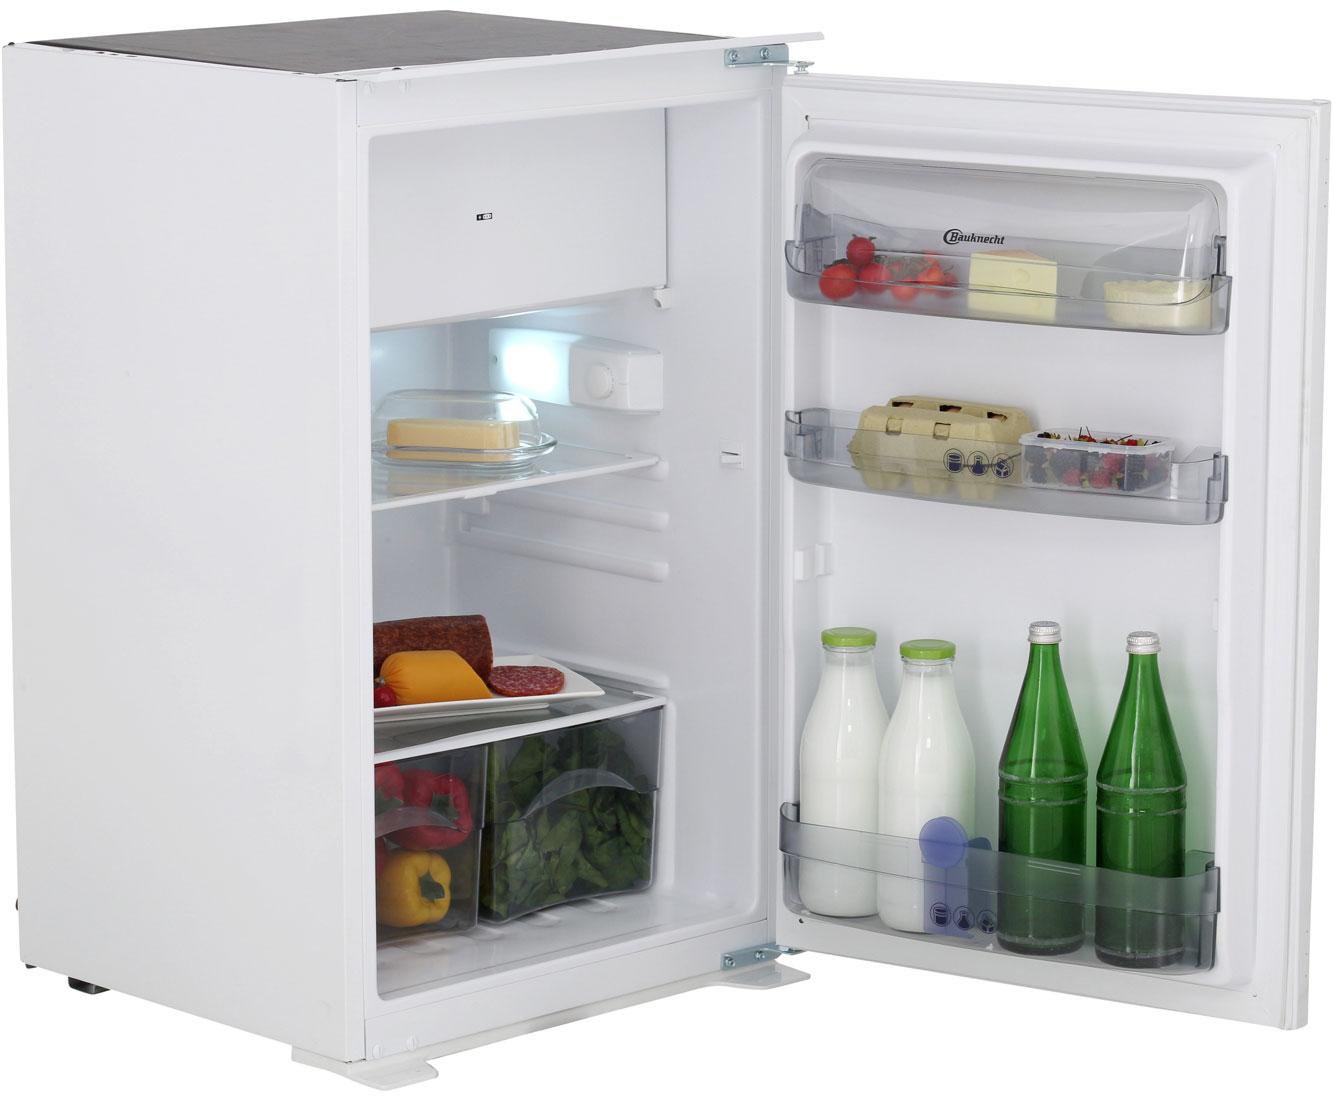 Kühlschrank No Frost Bauknecht : Bauknecht kvi 1884 a einbau kühlschrank mit gefrierfach 88er